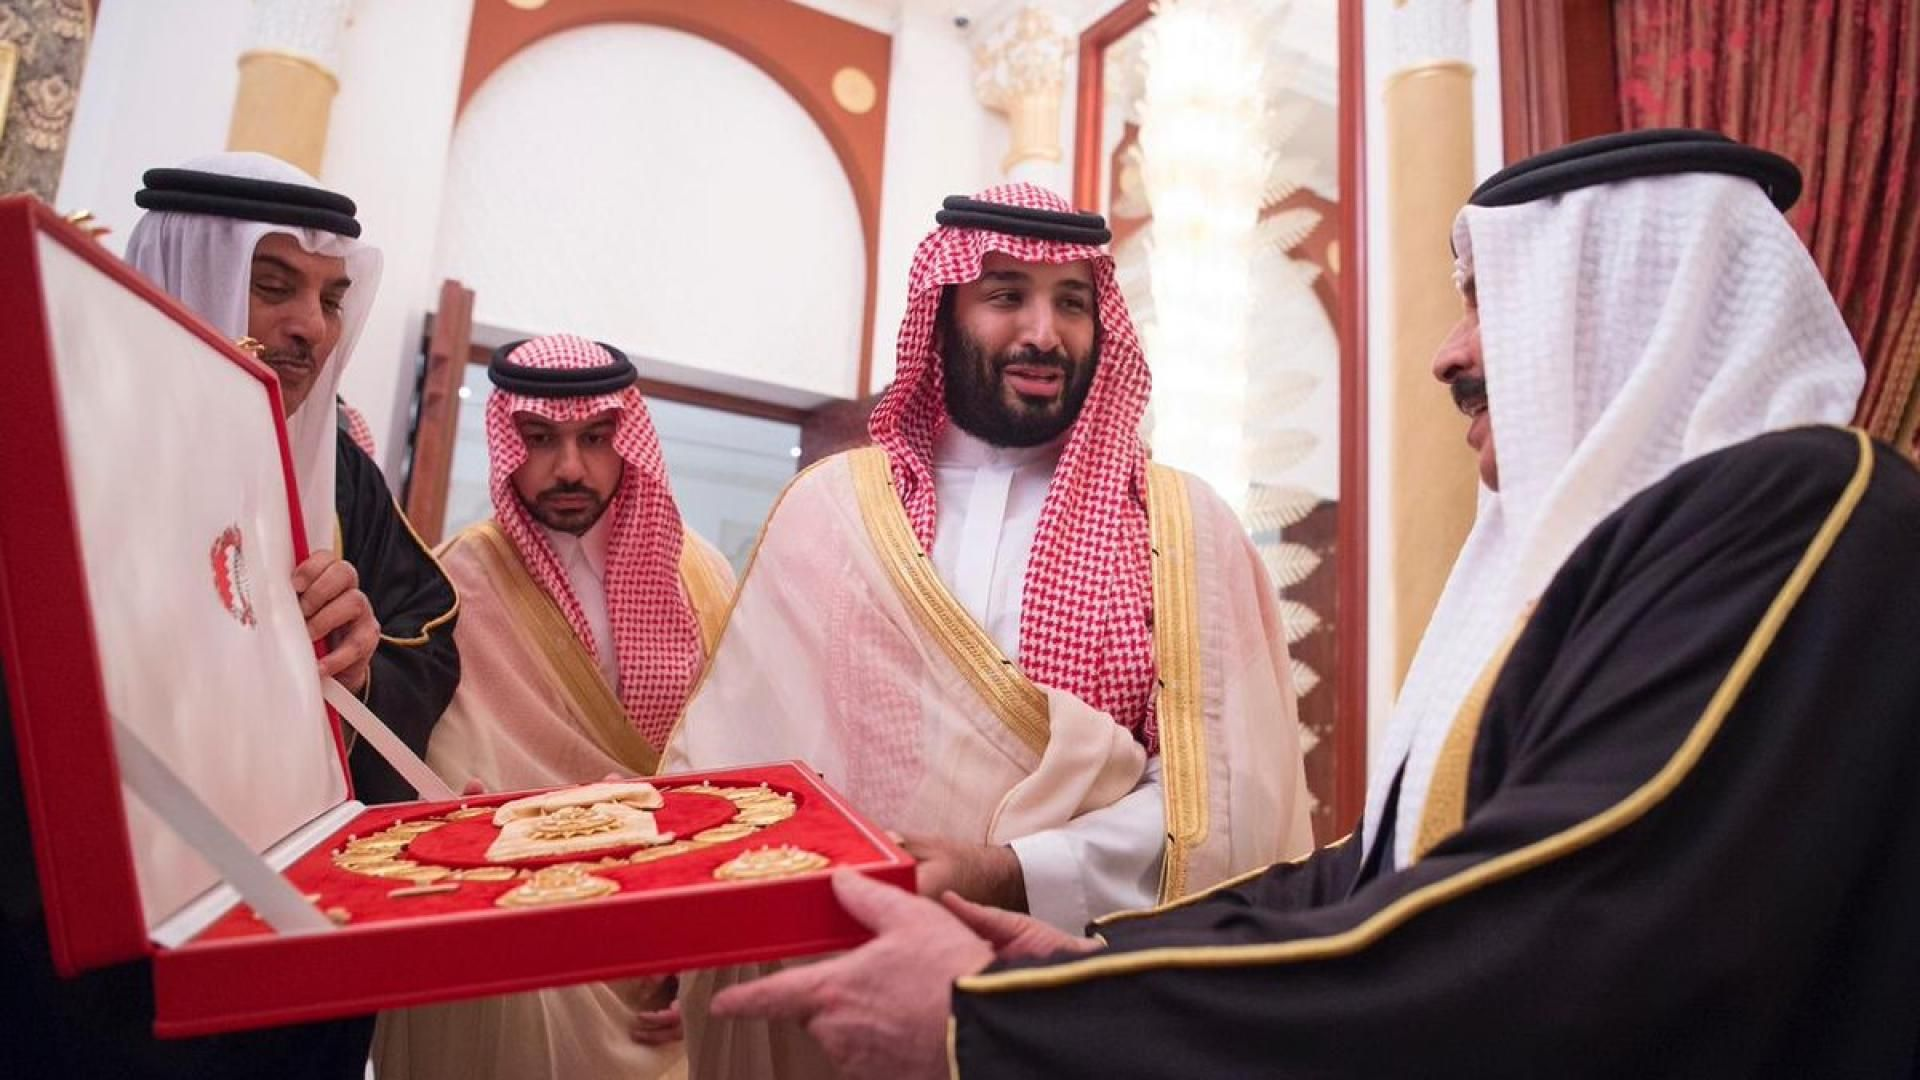 ولي العهد السعودي يؤكد لرئيس وزراء العراق ضرورة بذل الجهود للتهدئة وخفض التوتر وسام وملك وأميرة